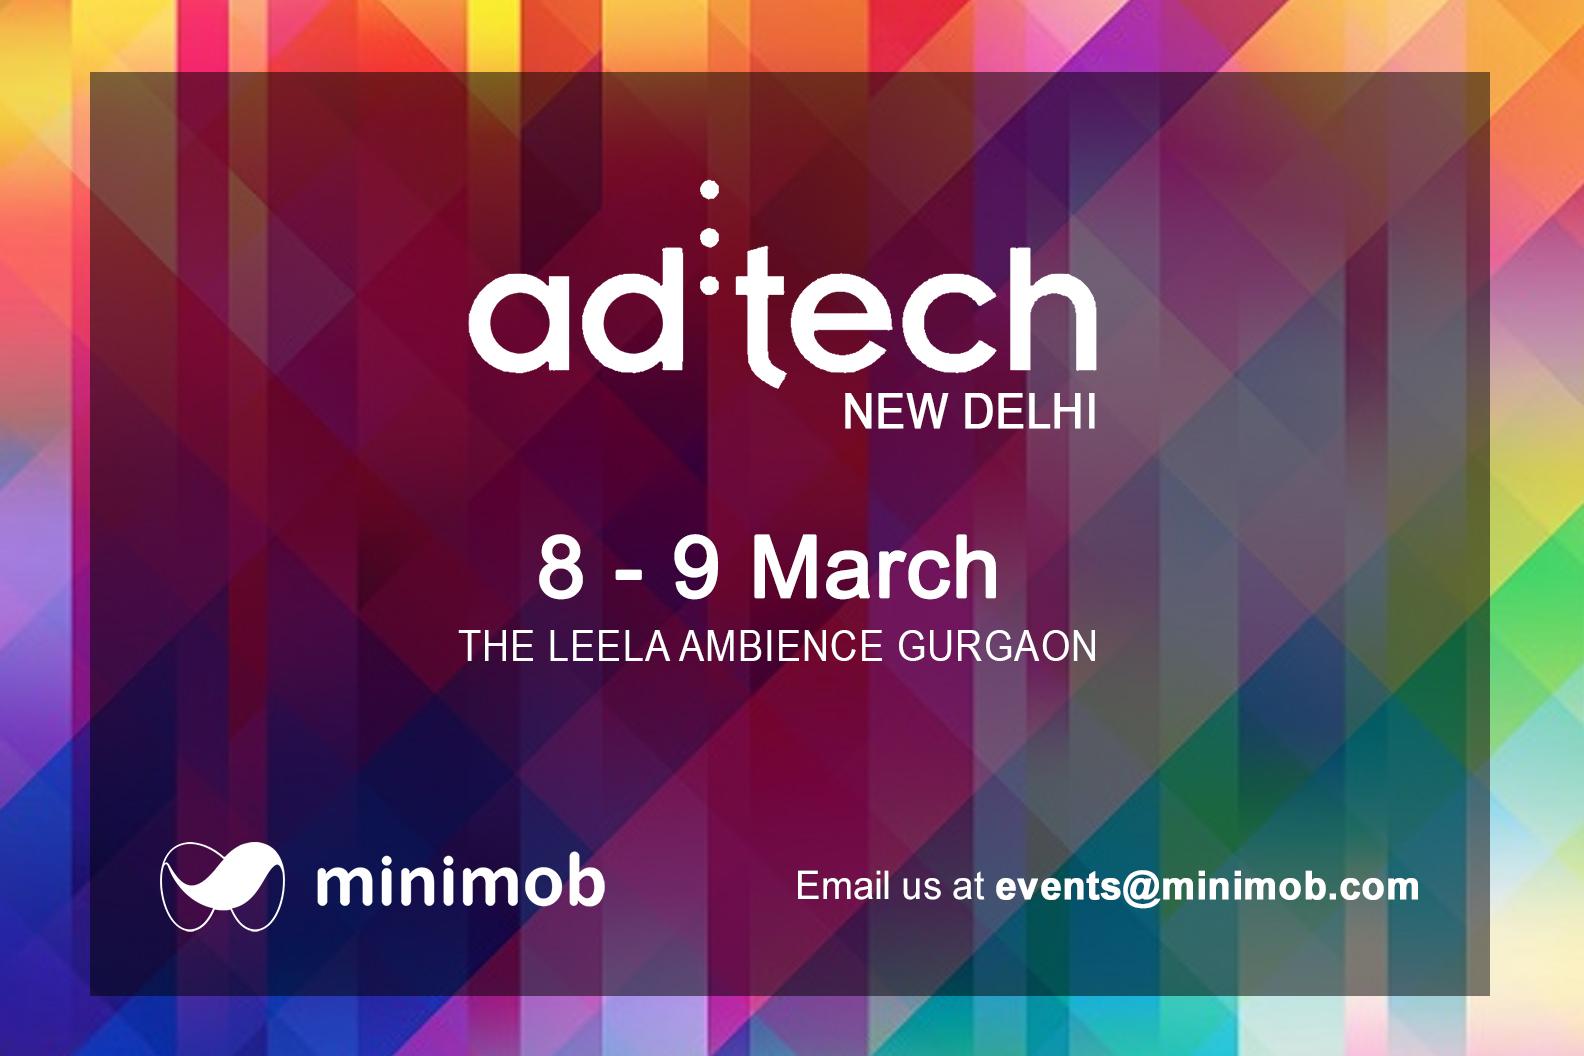 Adtech_NewDelhi_linkedin_792x528_x2